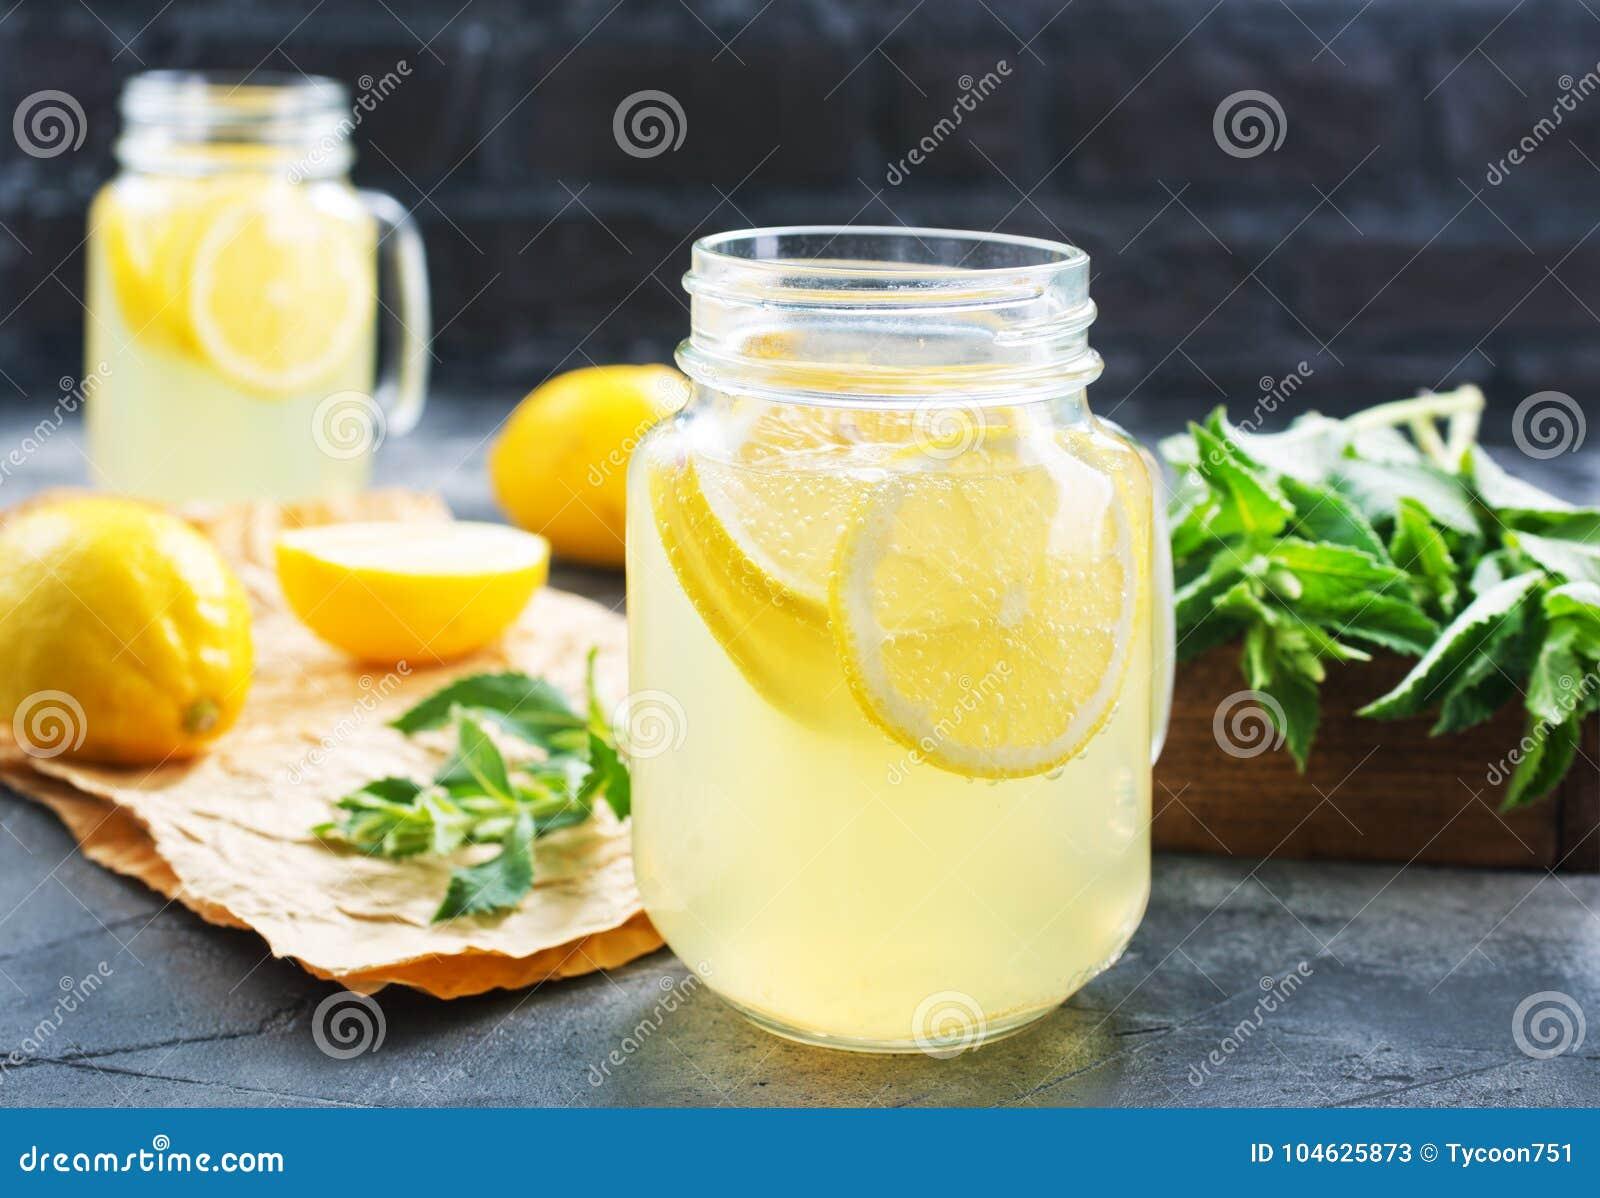 Download Limonade stock afbeelding. Afbeelding bestaande uit groen - 104625873